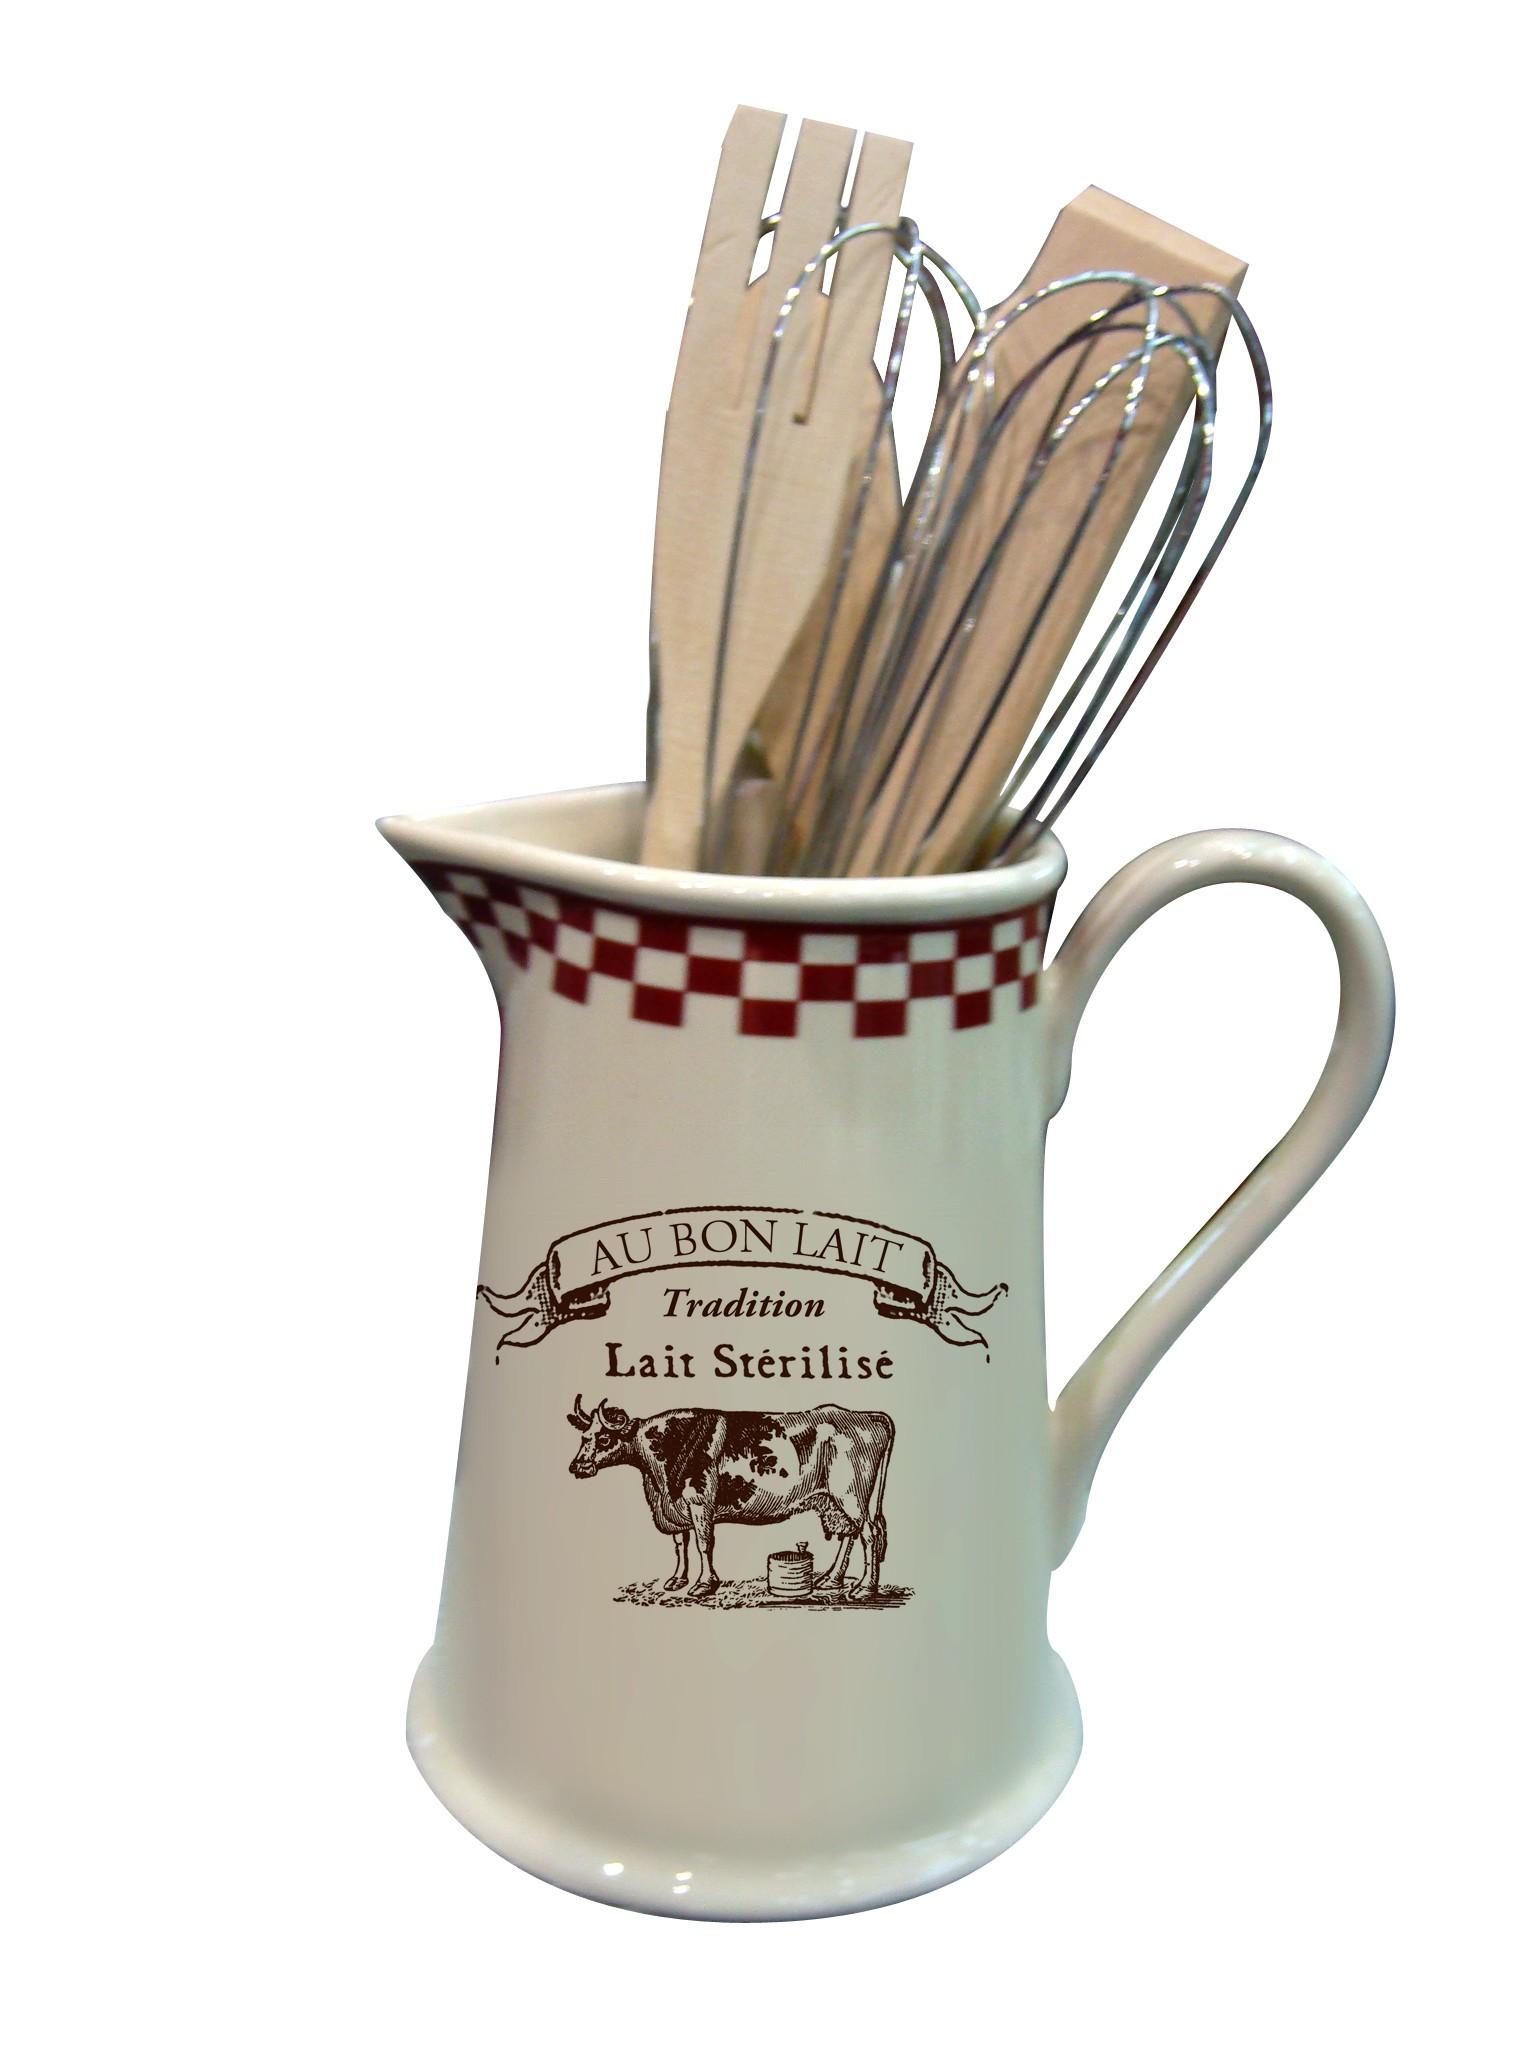 pichet porte ustensiles au bon lait dco campagne et tradition provence armes tendance sud